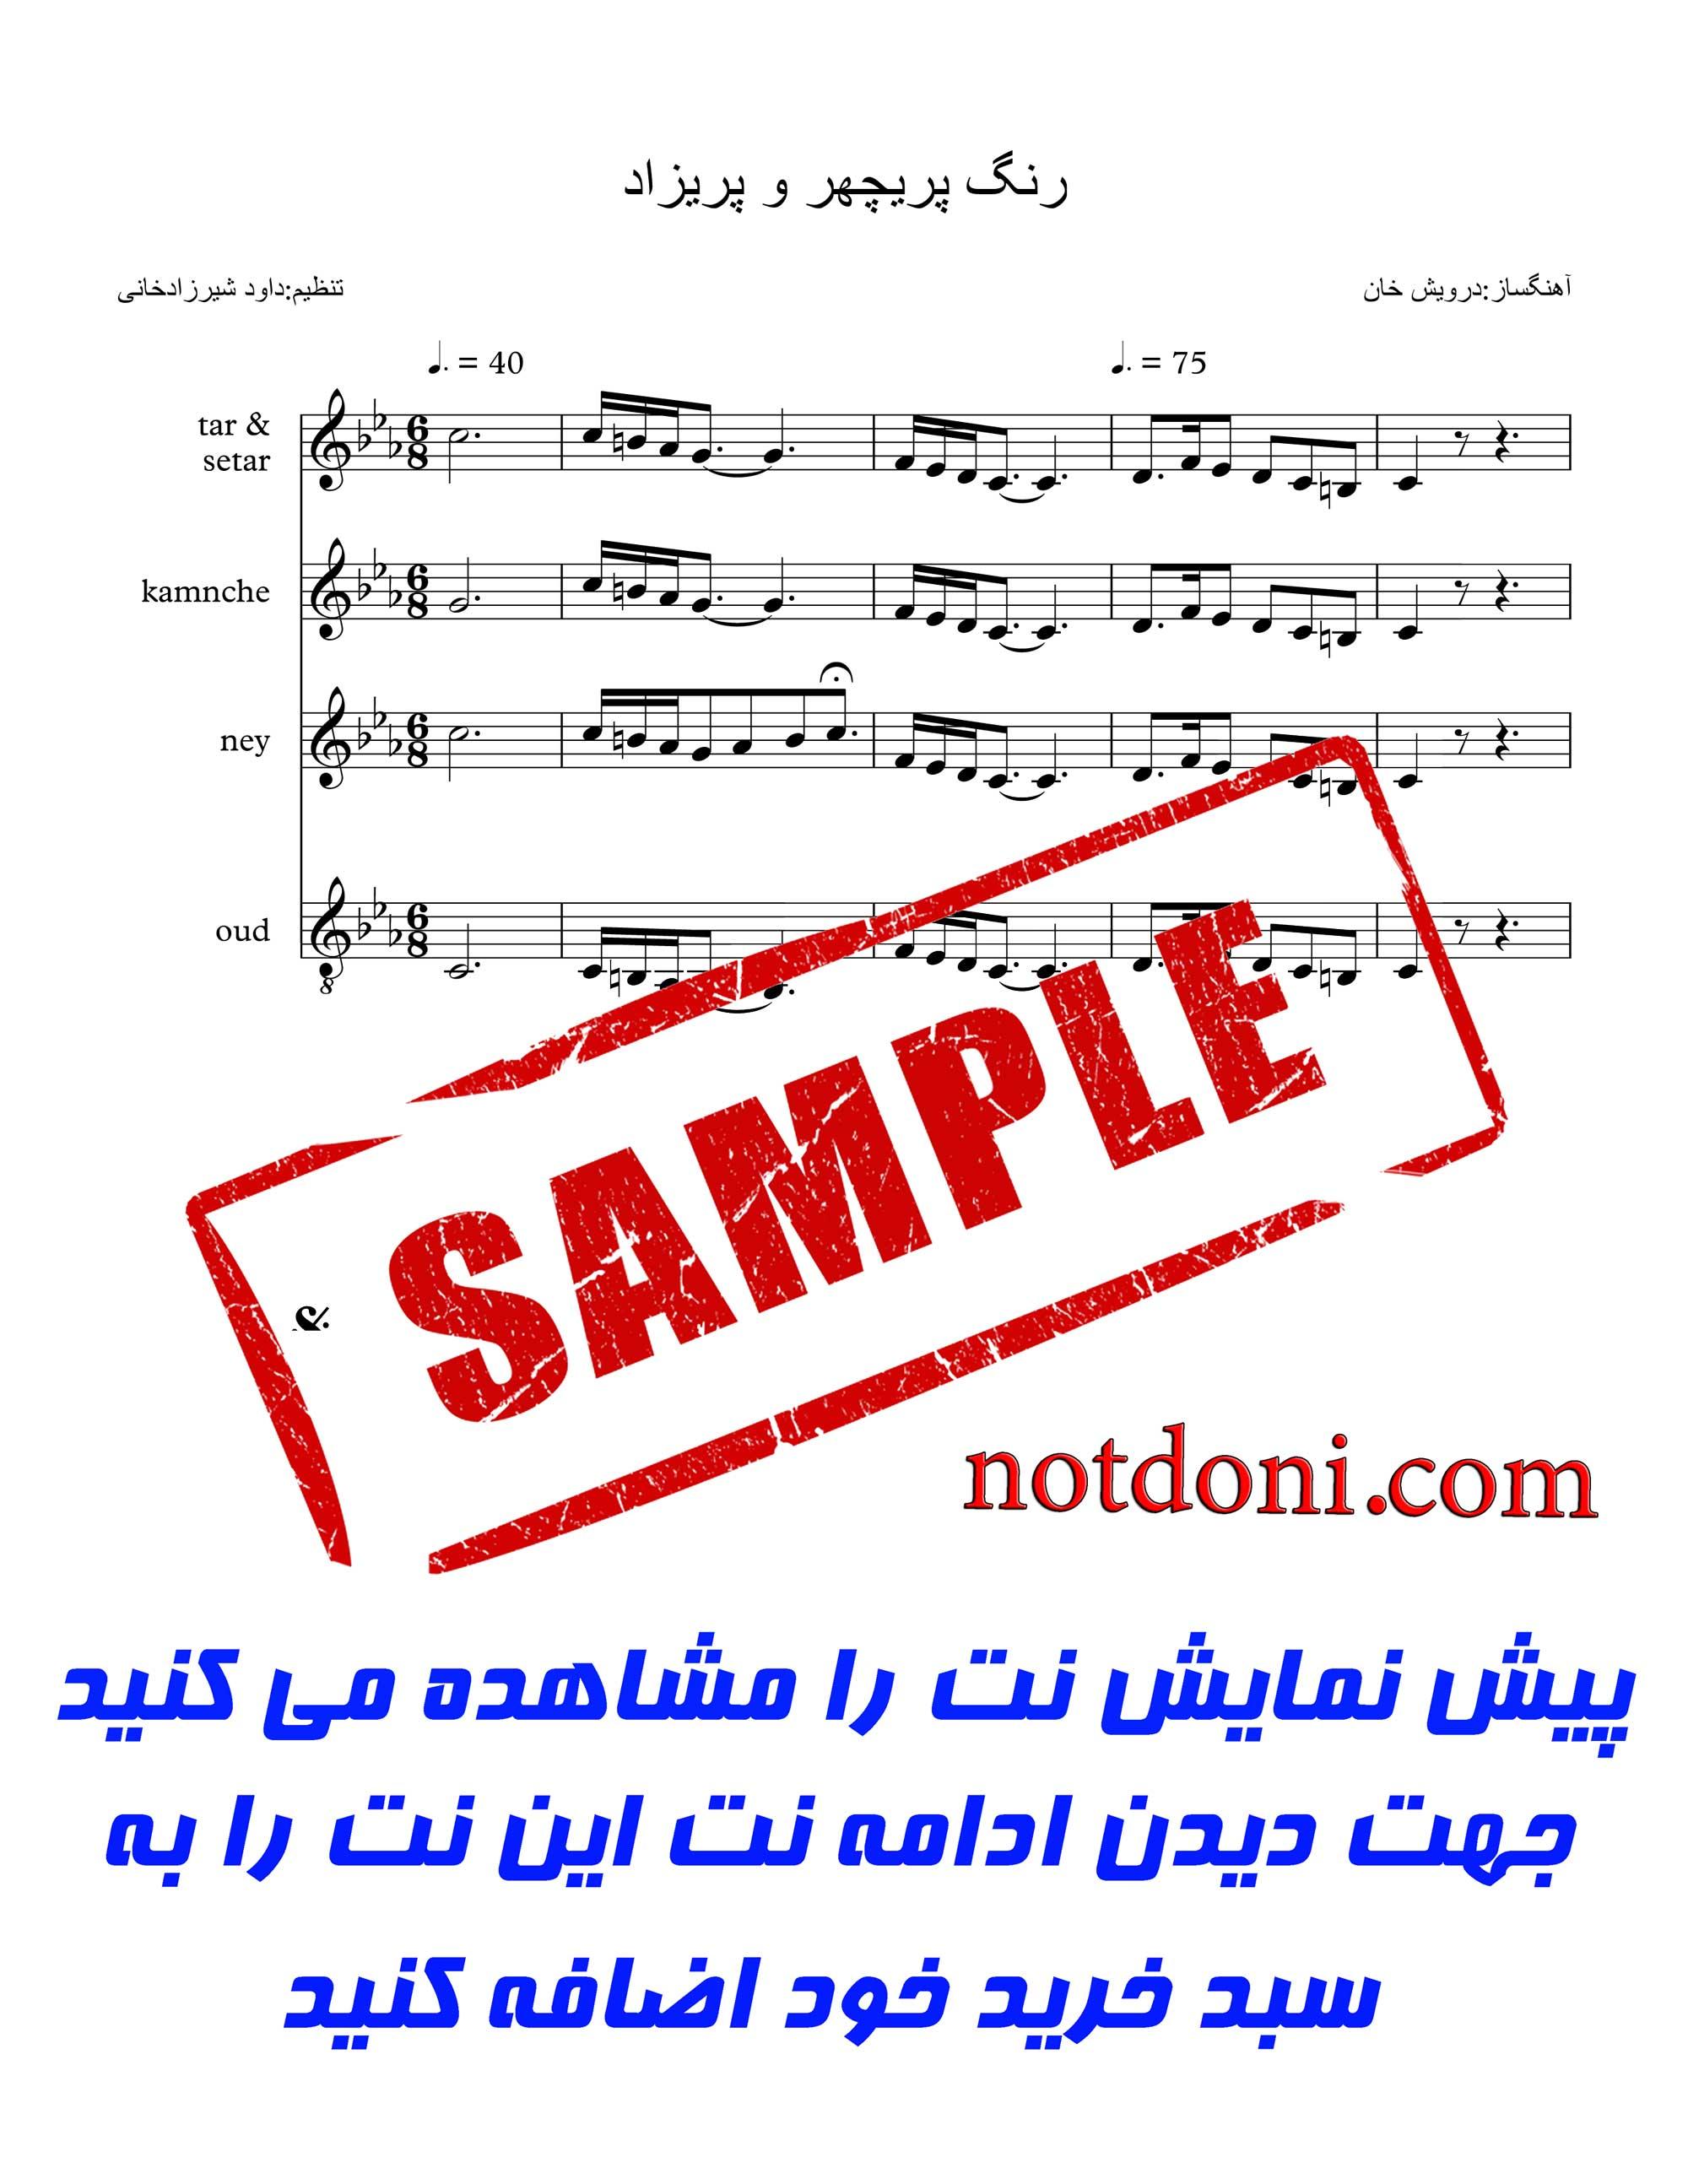 aacb6486-2125-4a5b-934e-695b3b19ccea_دمو5.jpg